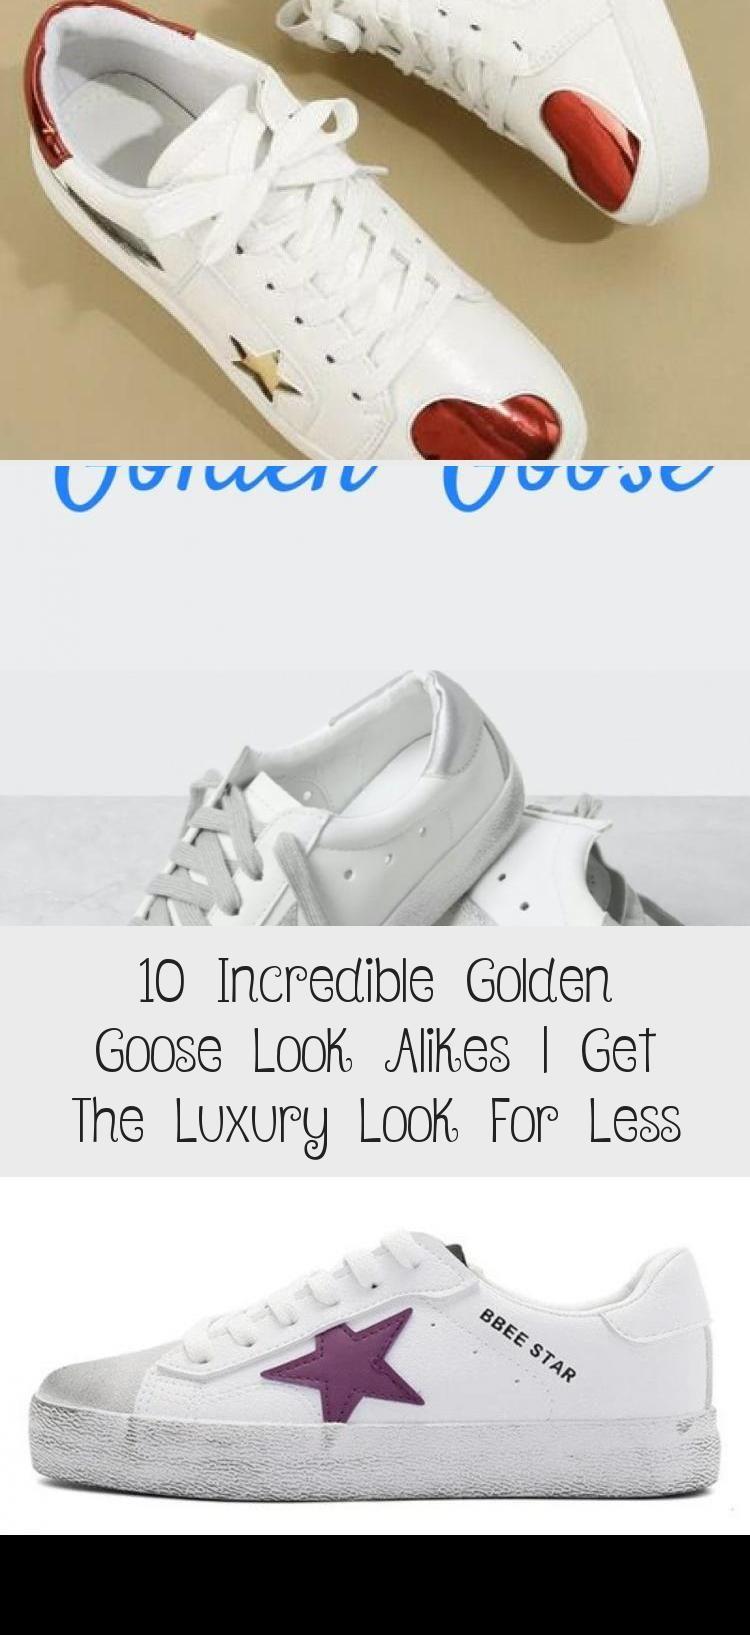 10 Incredible Golden Goose Look Alikes